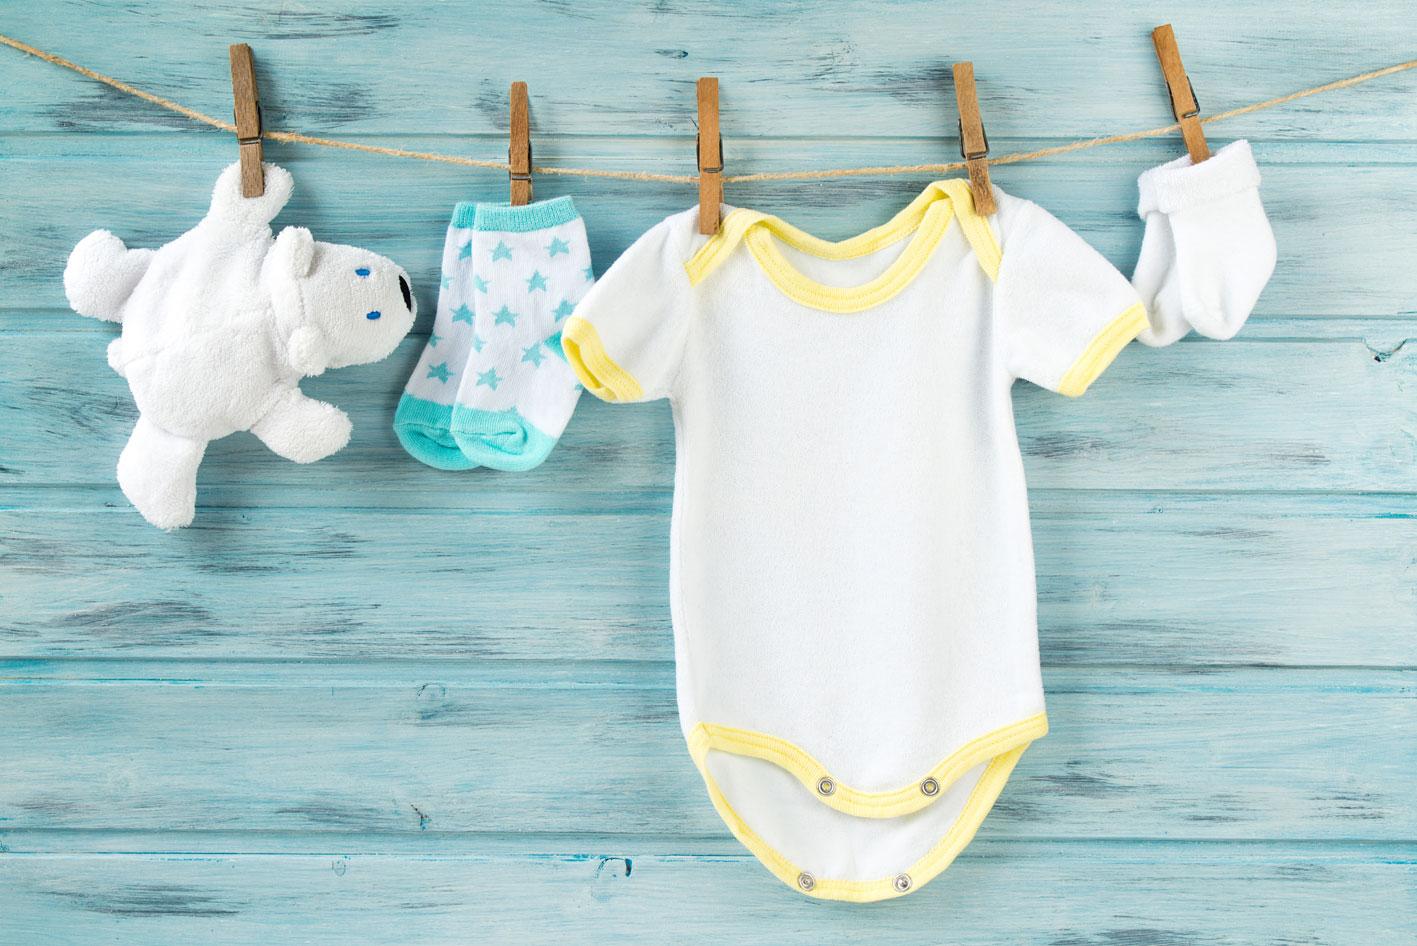 dd6706110c Lavare i vestiti dei neonati eliminare le macchie : Dr. Beckmann Blog